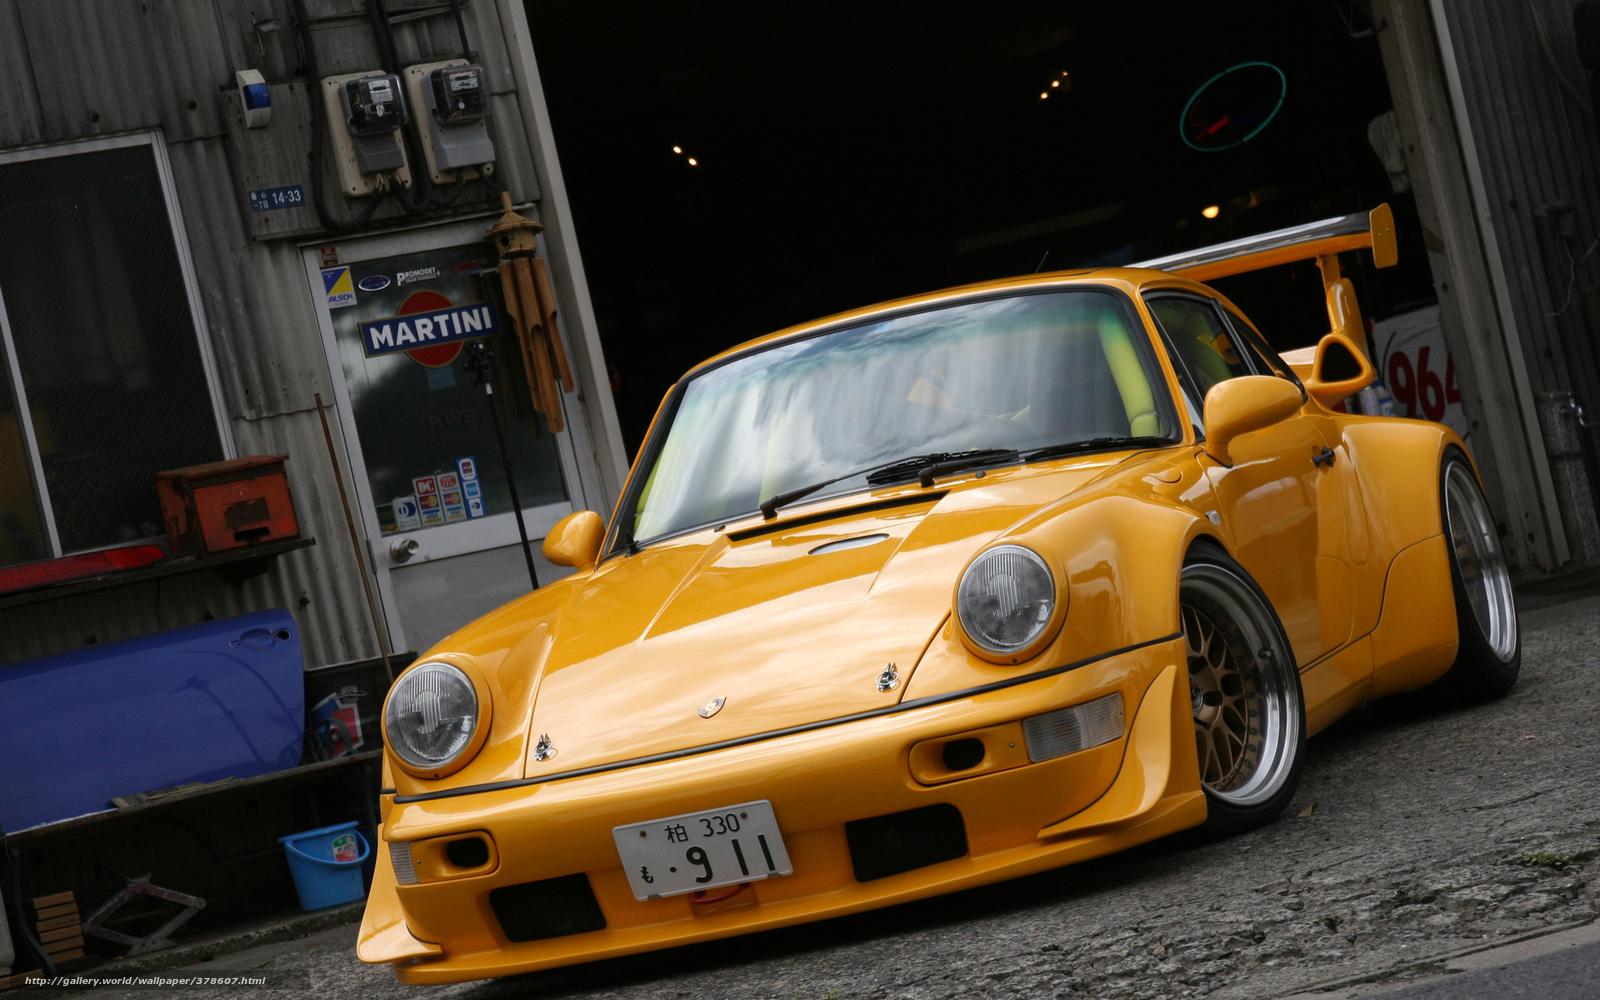 Download Wallpaper Porsche Martini Garage Porsche Free